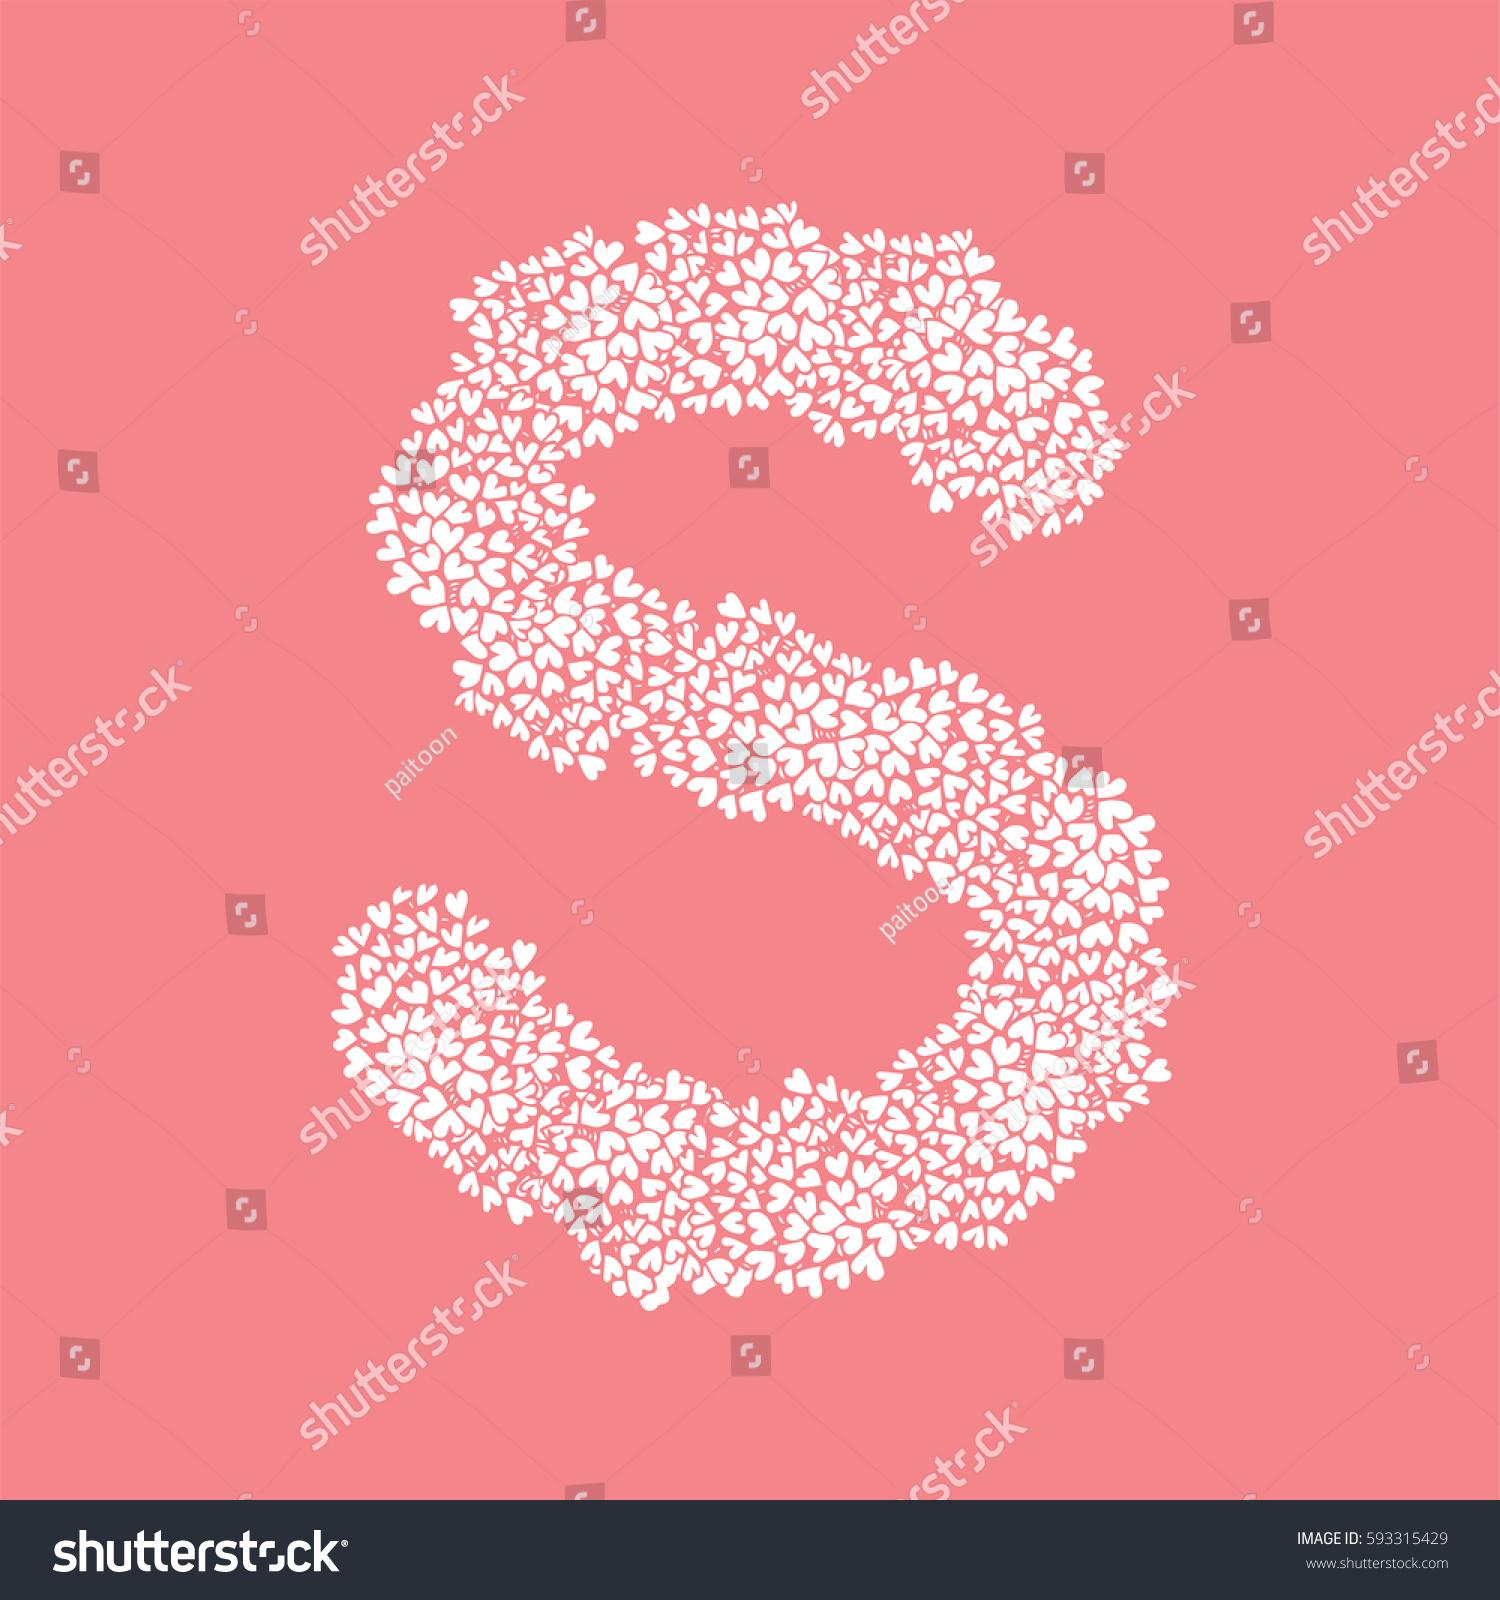 Letter S Alphabet Heart Flower Bush Stock Vector (Royalty Free ...